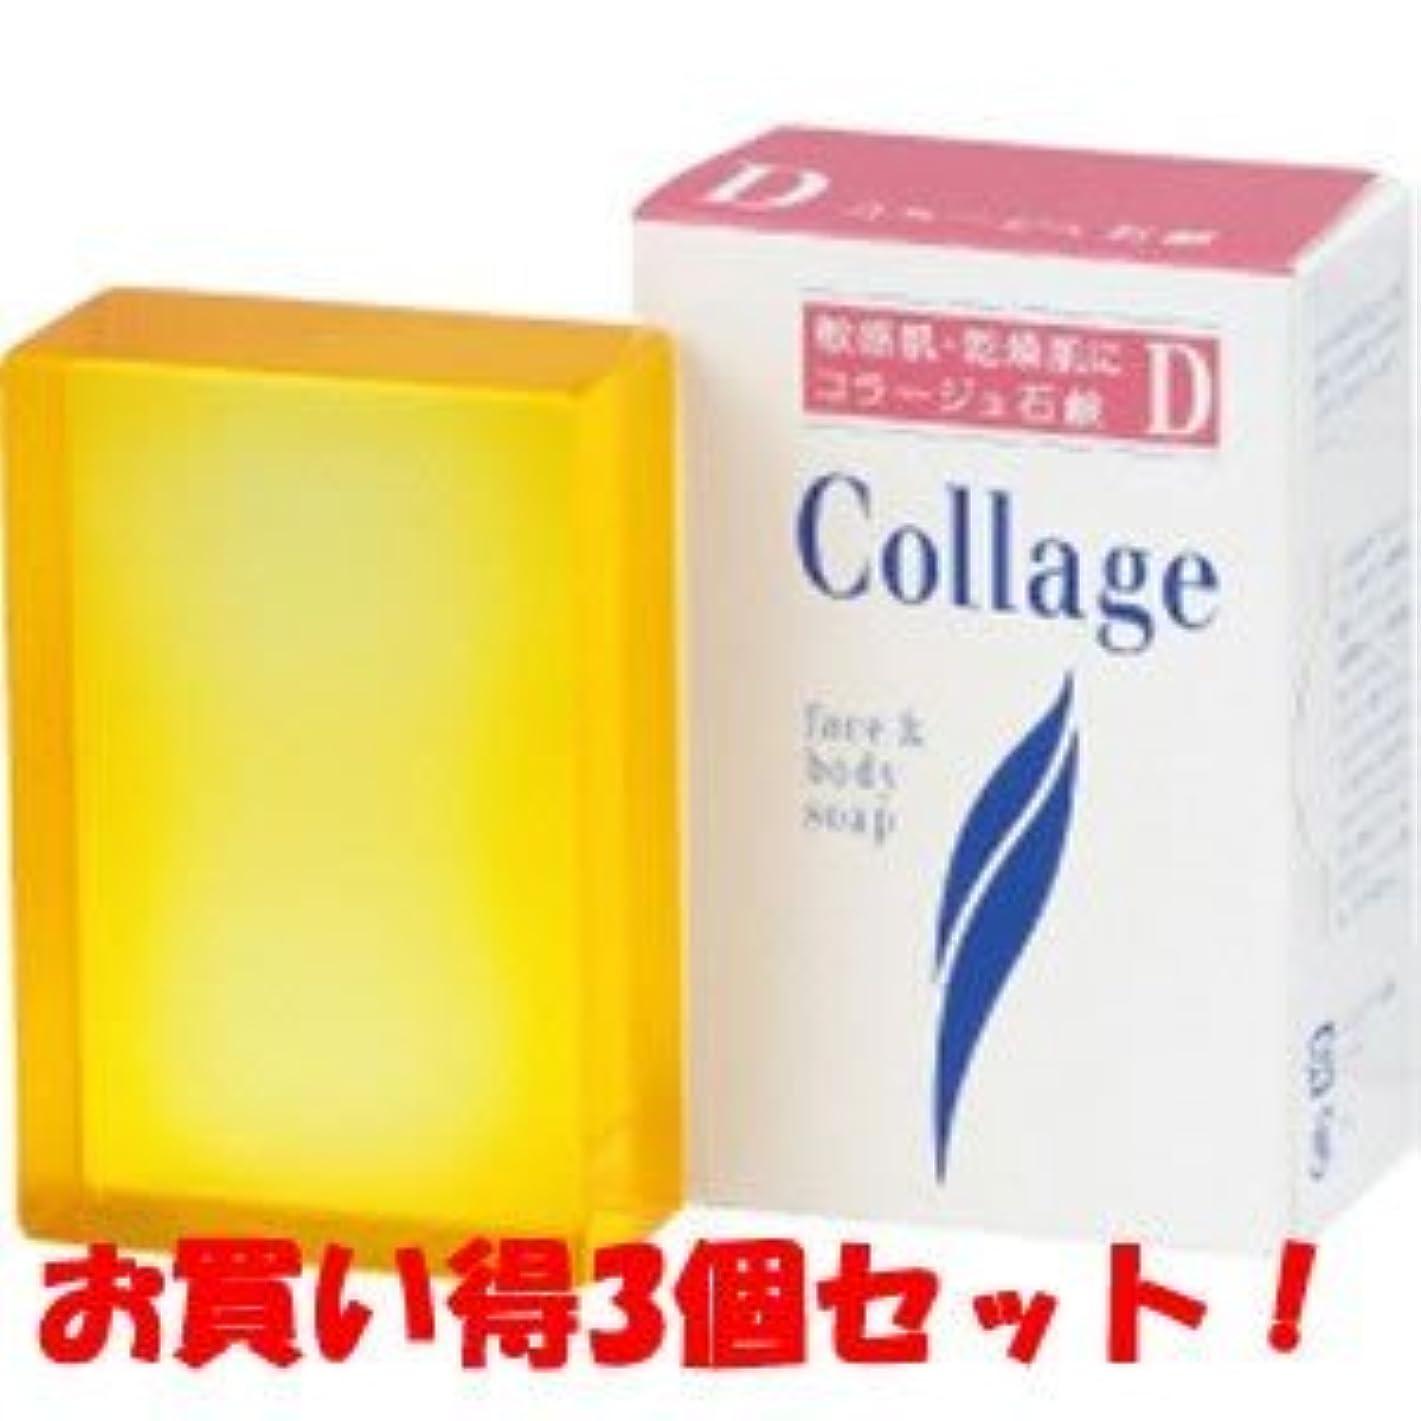 自発的森の中で(持田ヘルスケア)コラージュD乾性肌用石鹸 100g(お買い得3個セット)